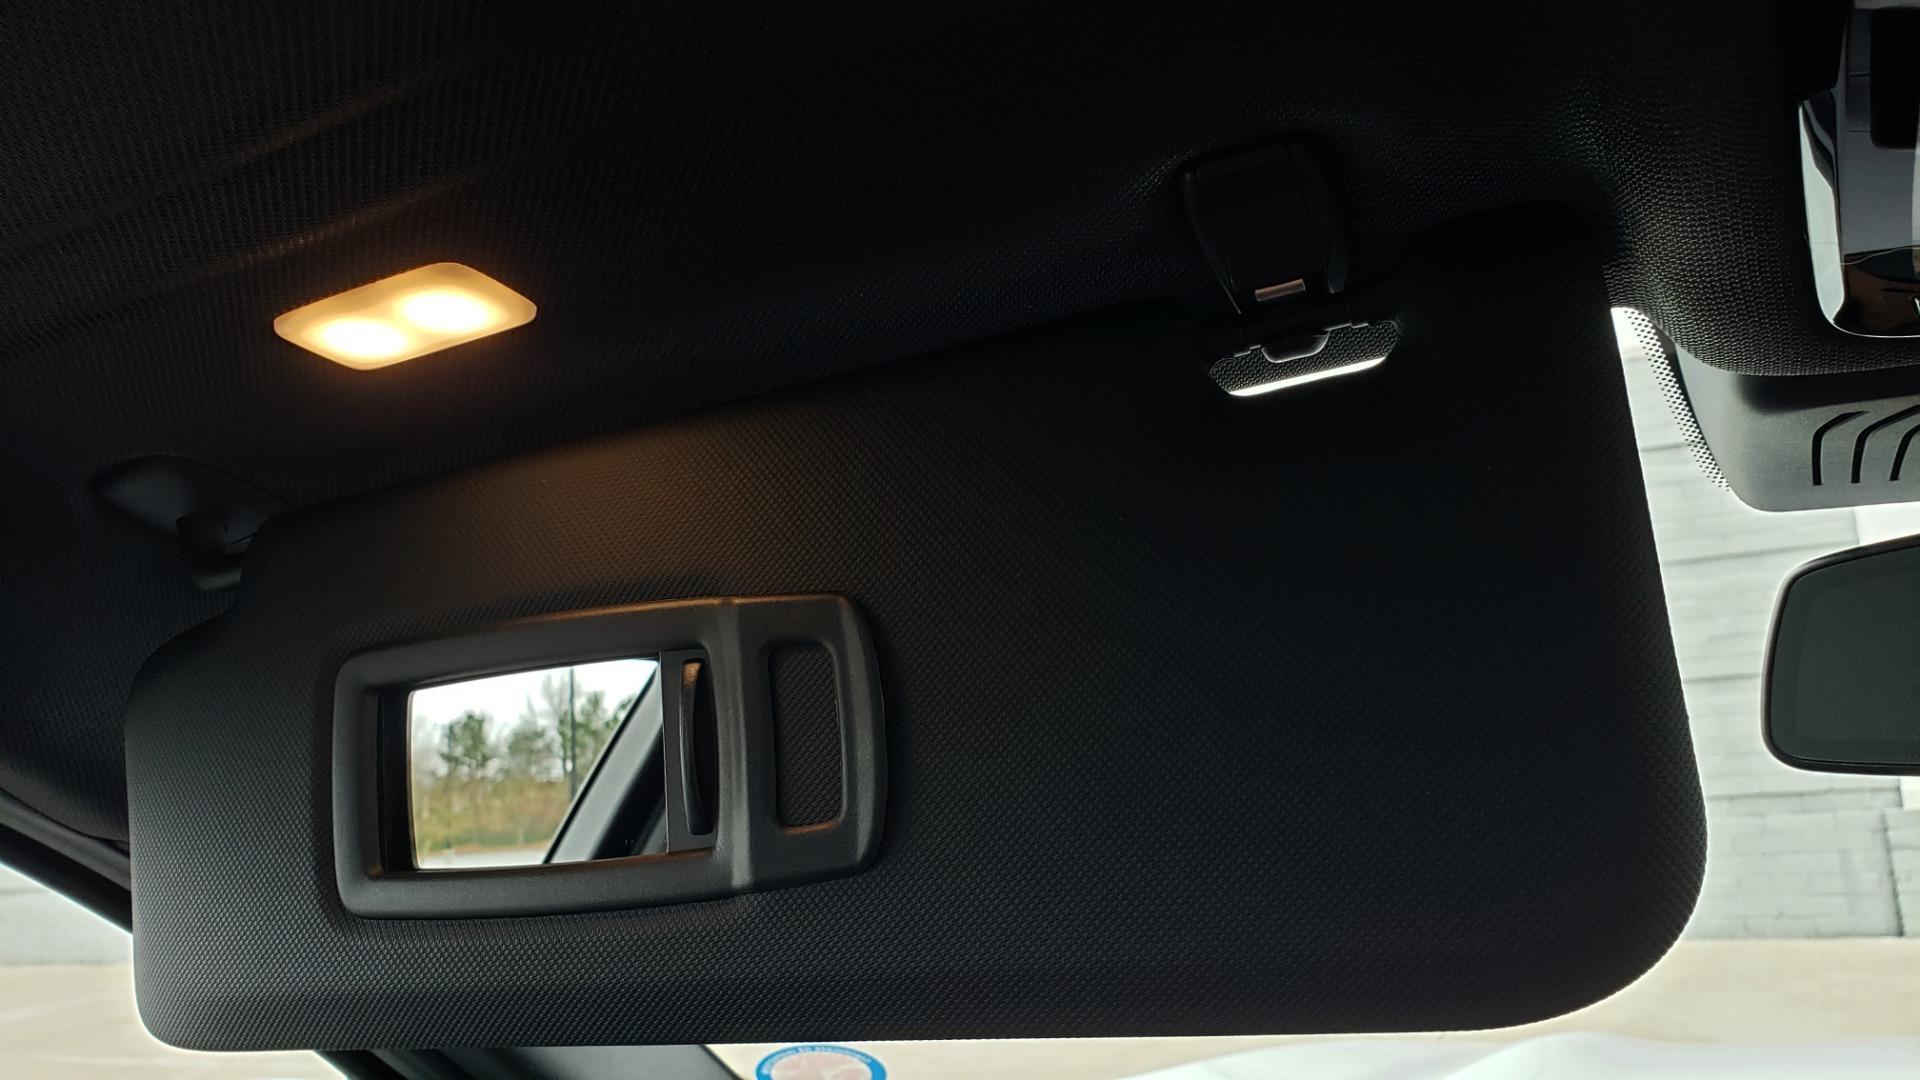 Used 2018 BMW X3 XDRIVE30I / LUX PKG / PREM PKG / CONV PKG / PDC / APPLE CARPLAY for sale Sold at Formula Imports in Charlotte NC 28227 57